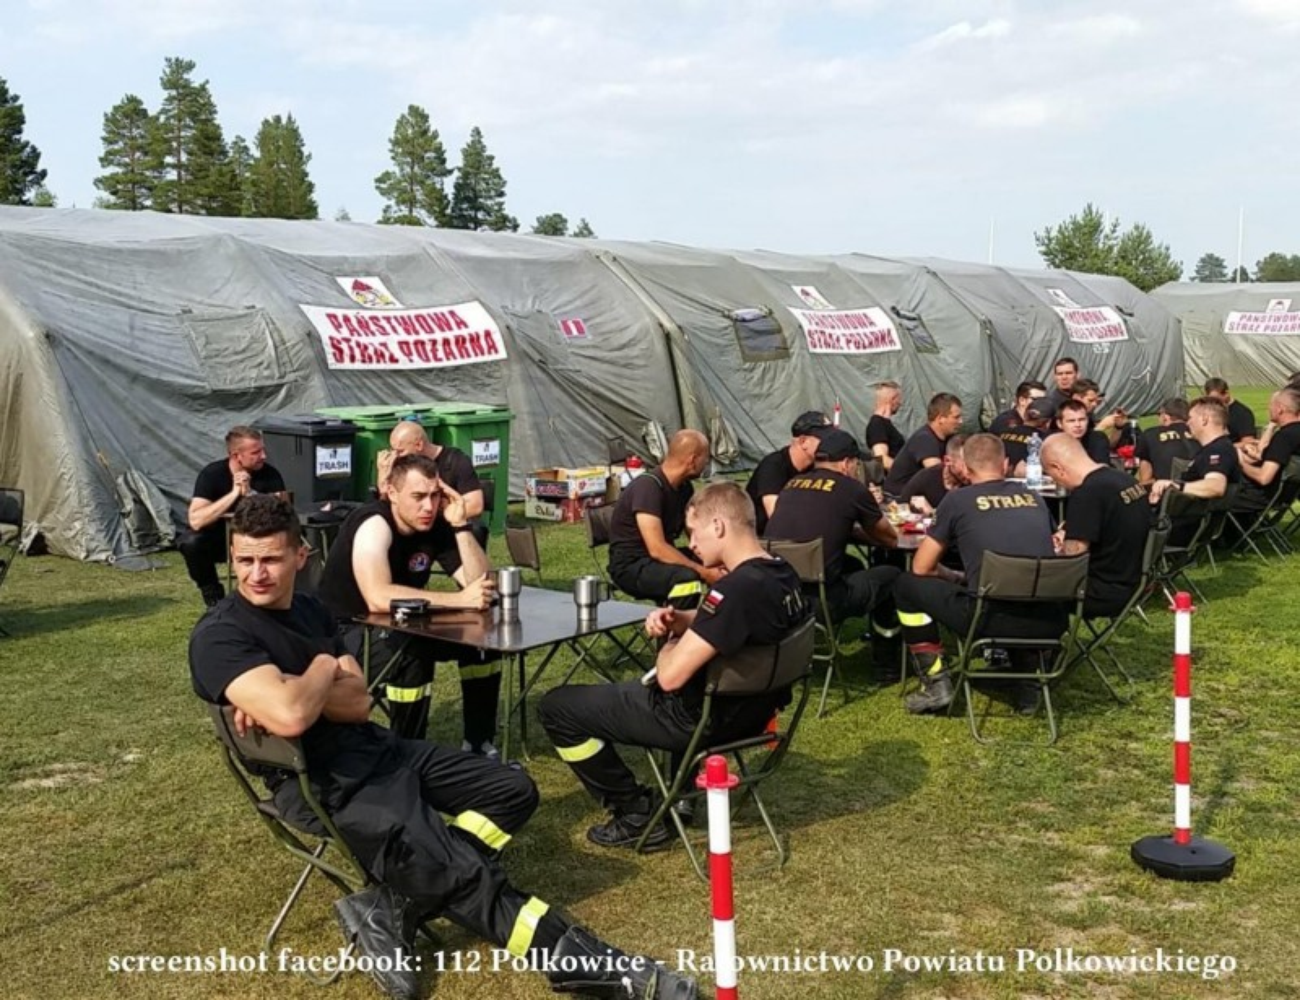 Пожежники облаштувалися в Швеції